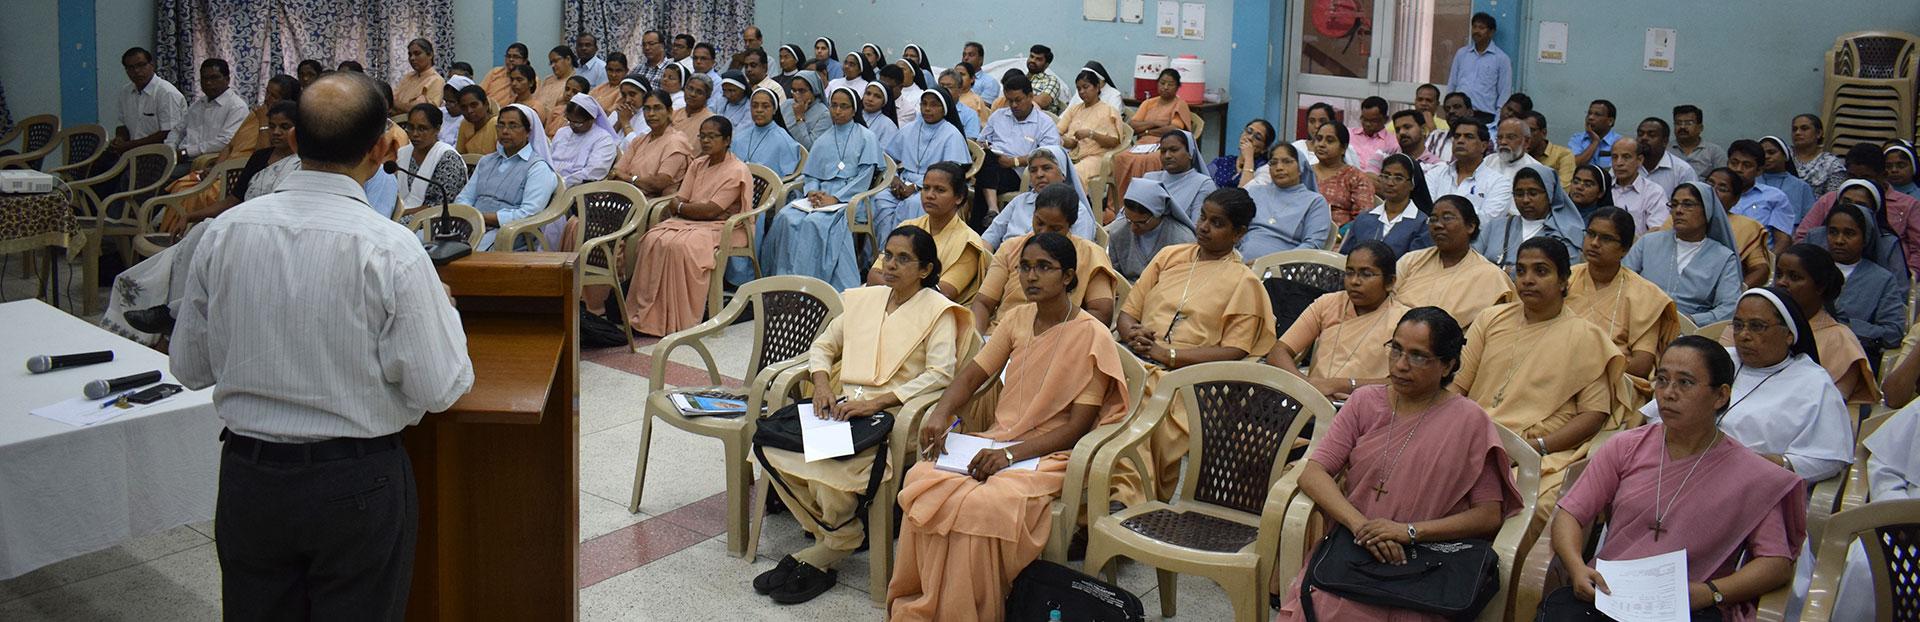 Promover la justicia por medio de la asistencia jurídica en la India